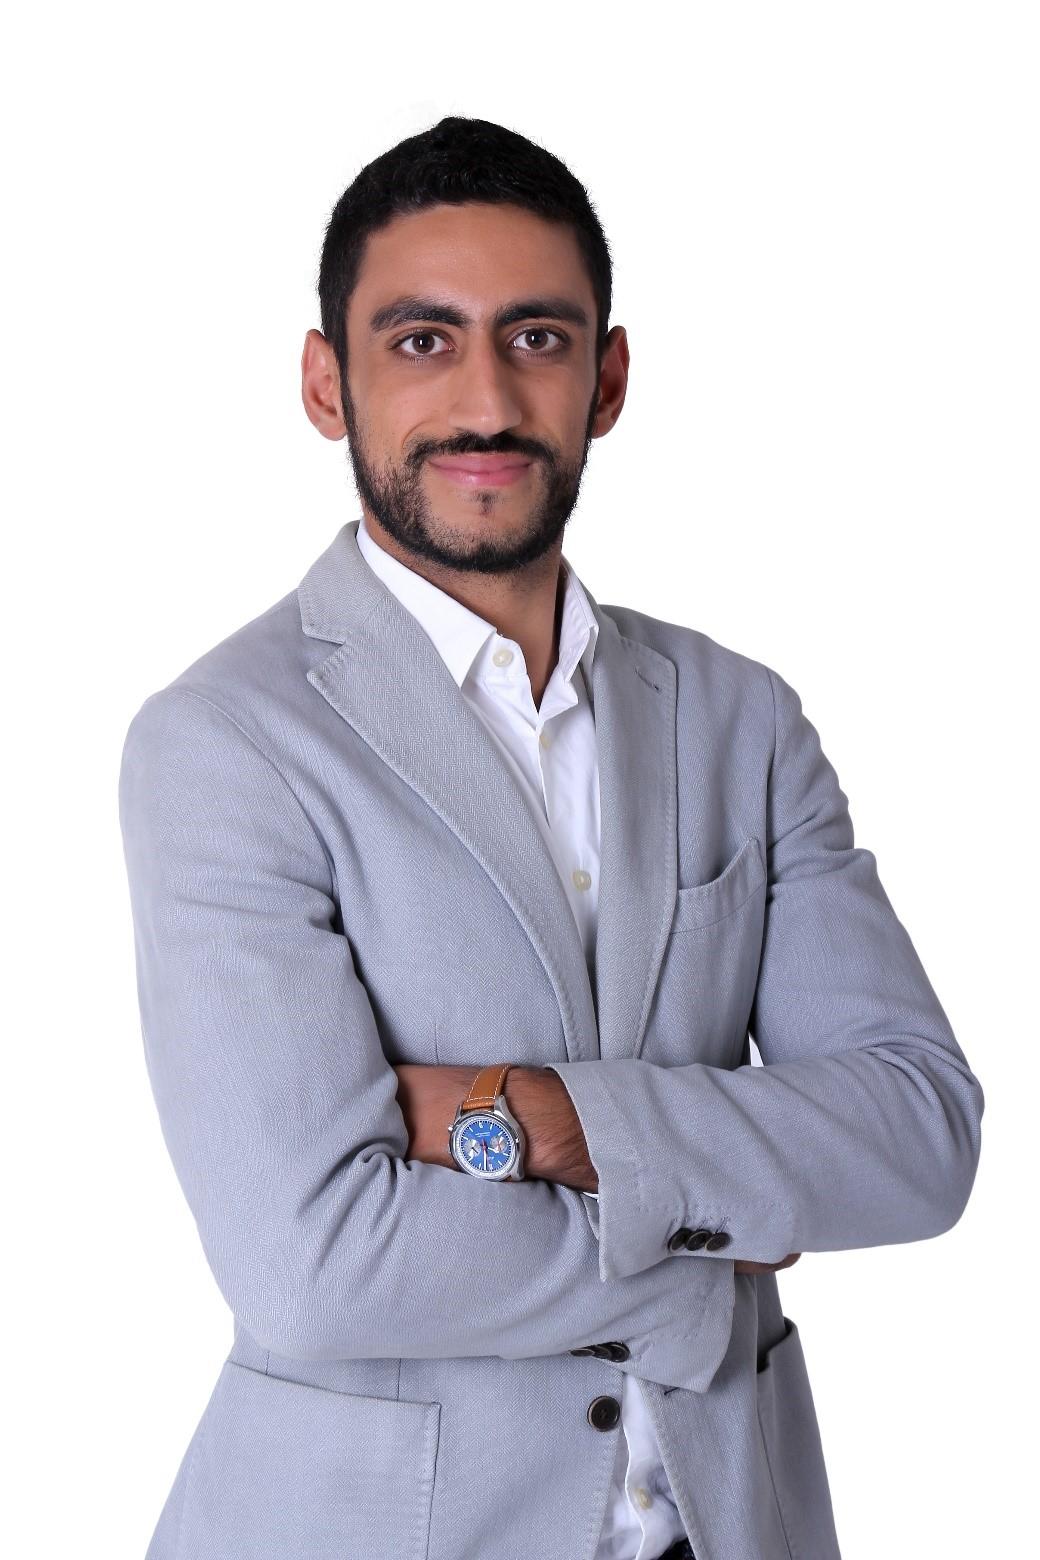 Khalid Alali Founder of Wadhefty